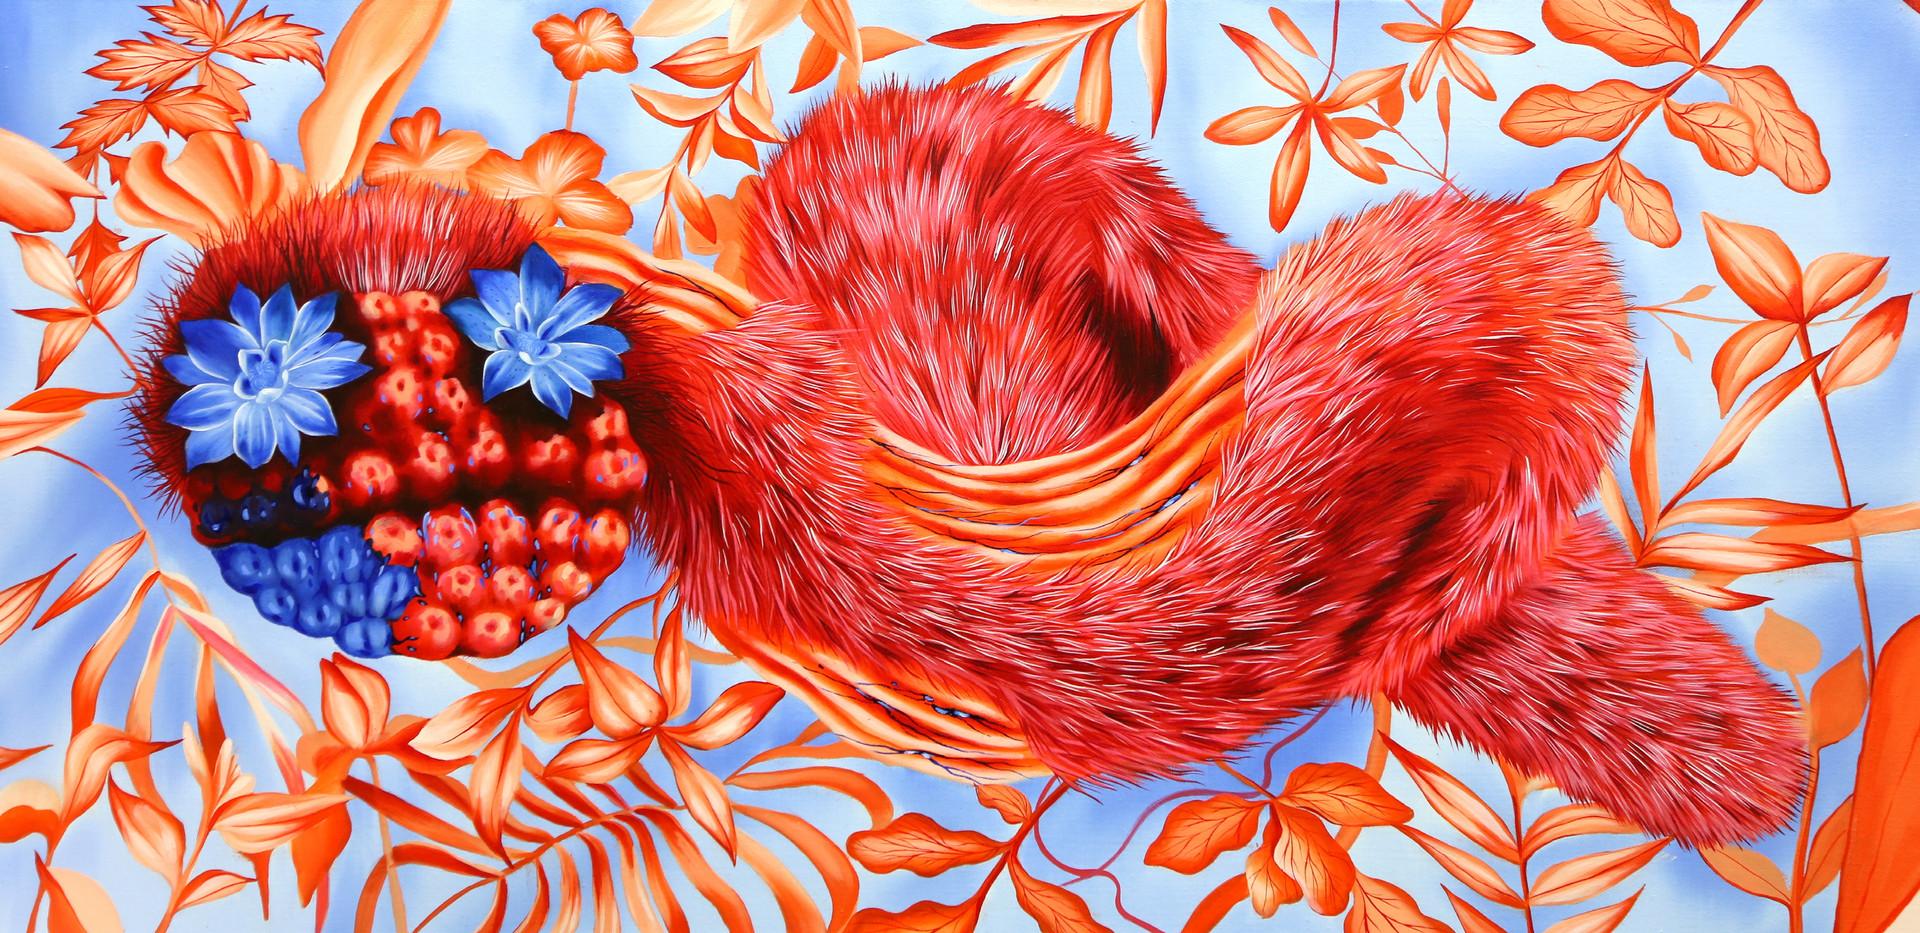 김영래, <따뜻한가시2>, 45*91cm, oil on canvas, 2018